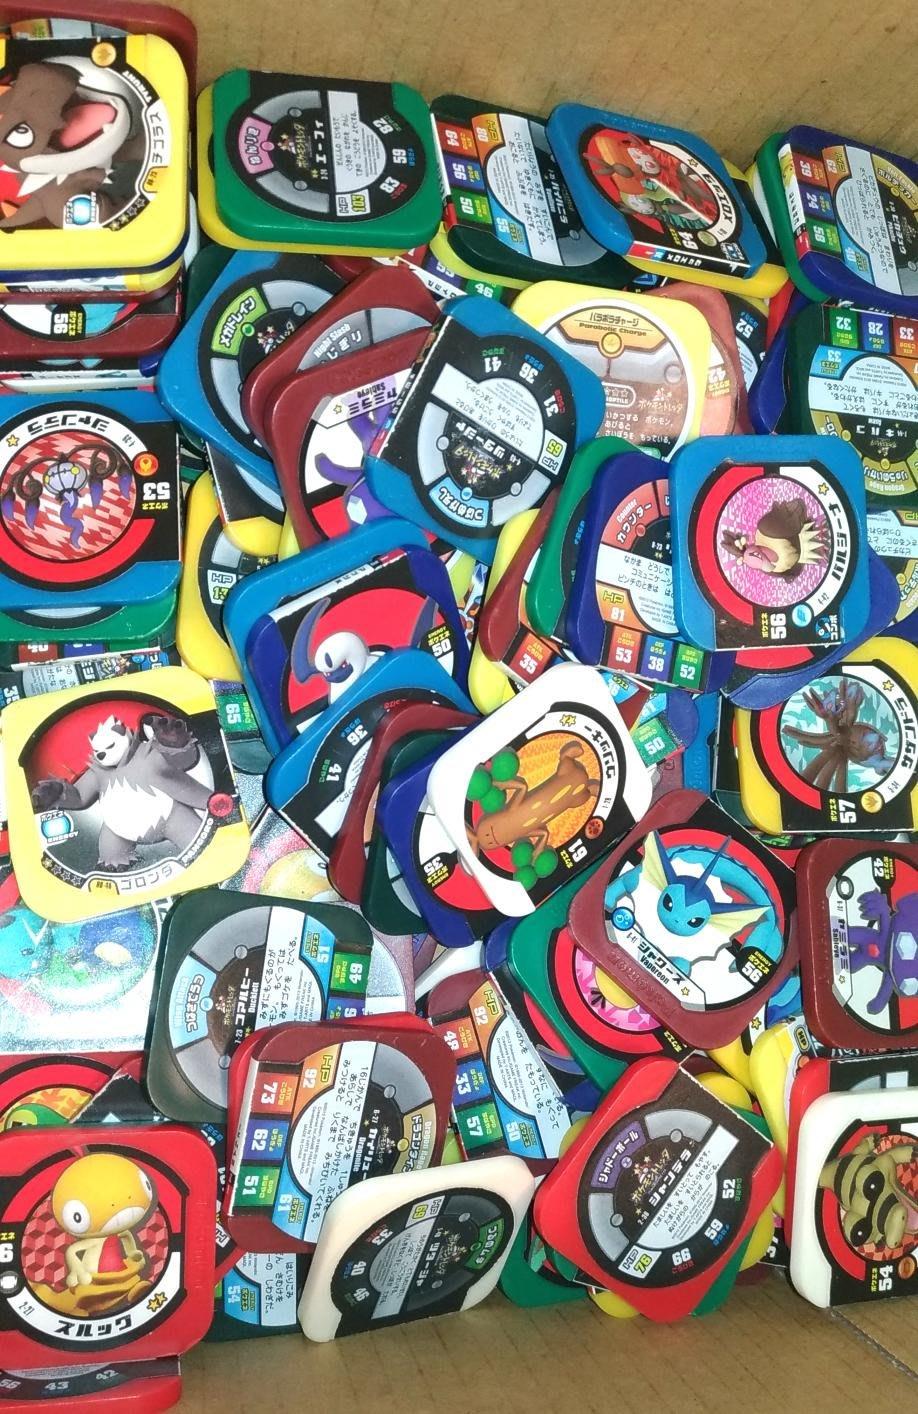 天天小舖 神奇寶貝 Pokemon tretta 舊彈卡 大量 1枚1.5元 出清 市面上機台不可刷 二手 卡匣 正版